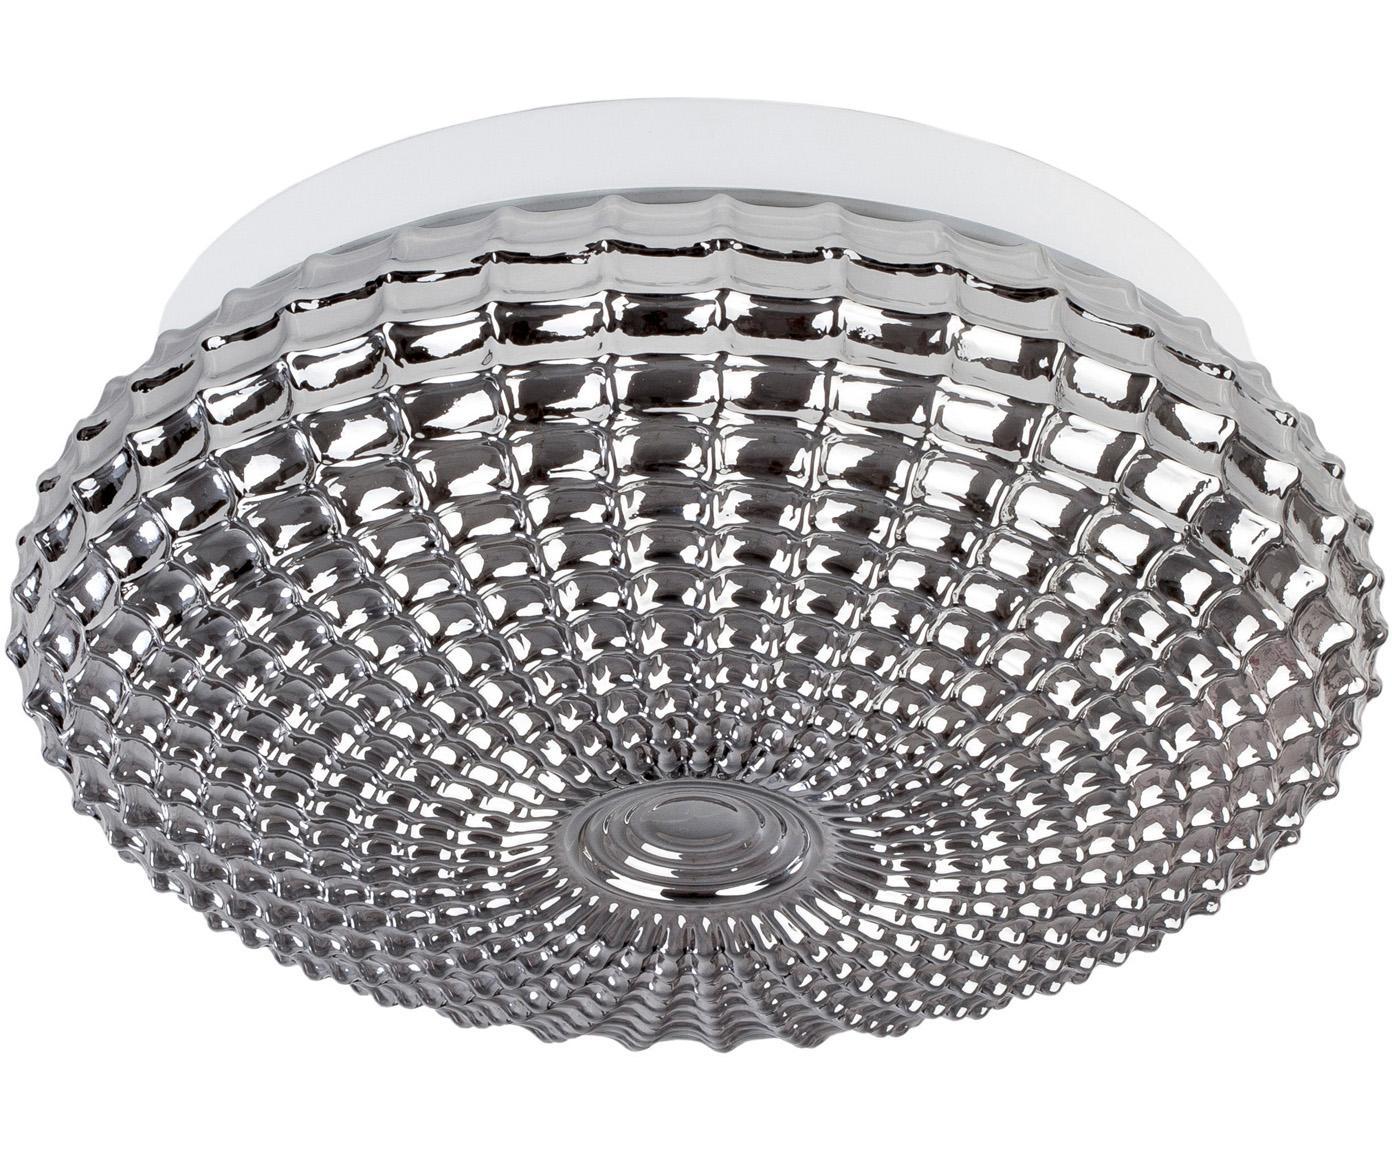 Dimmbare Deckenleuchte Clam aus Glas, Lampenschirm: Glas, Baldachin: Stahl, beschichtet, Chrom, Weiß, Ø 30 x H 12 cm